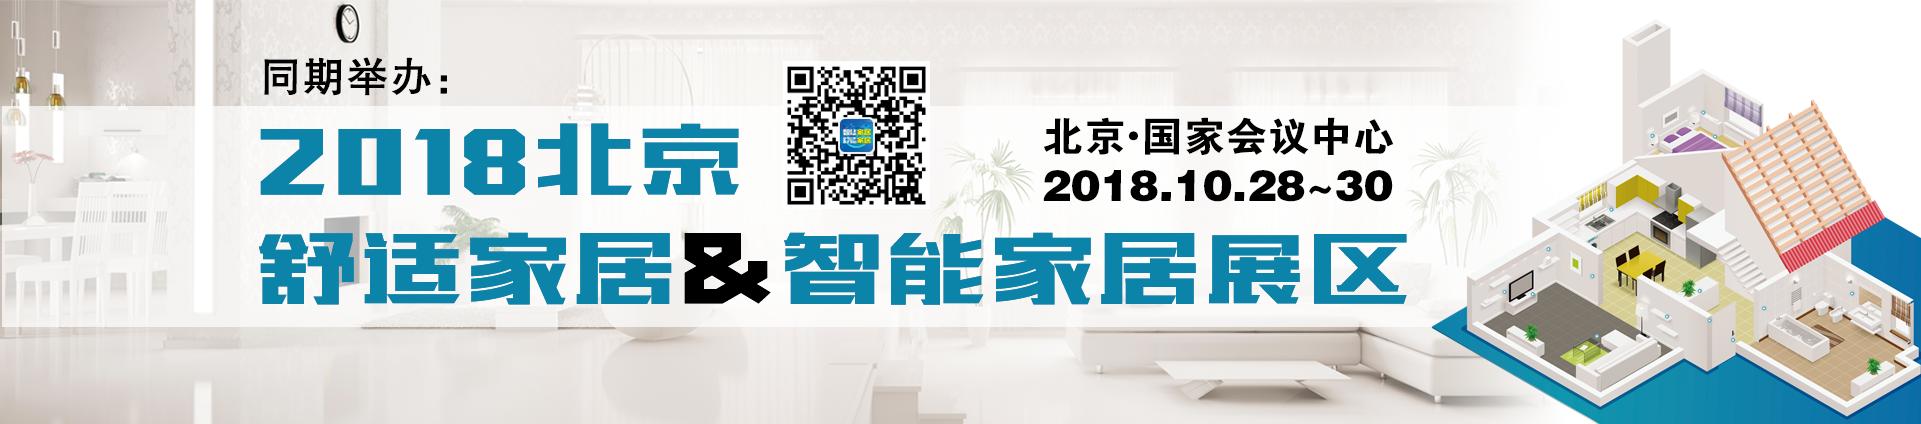 01.華人空凈第一展-網站-5-1